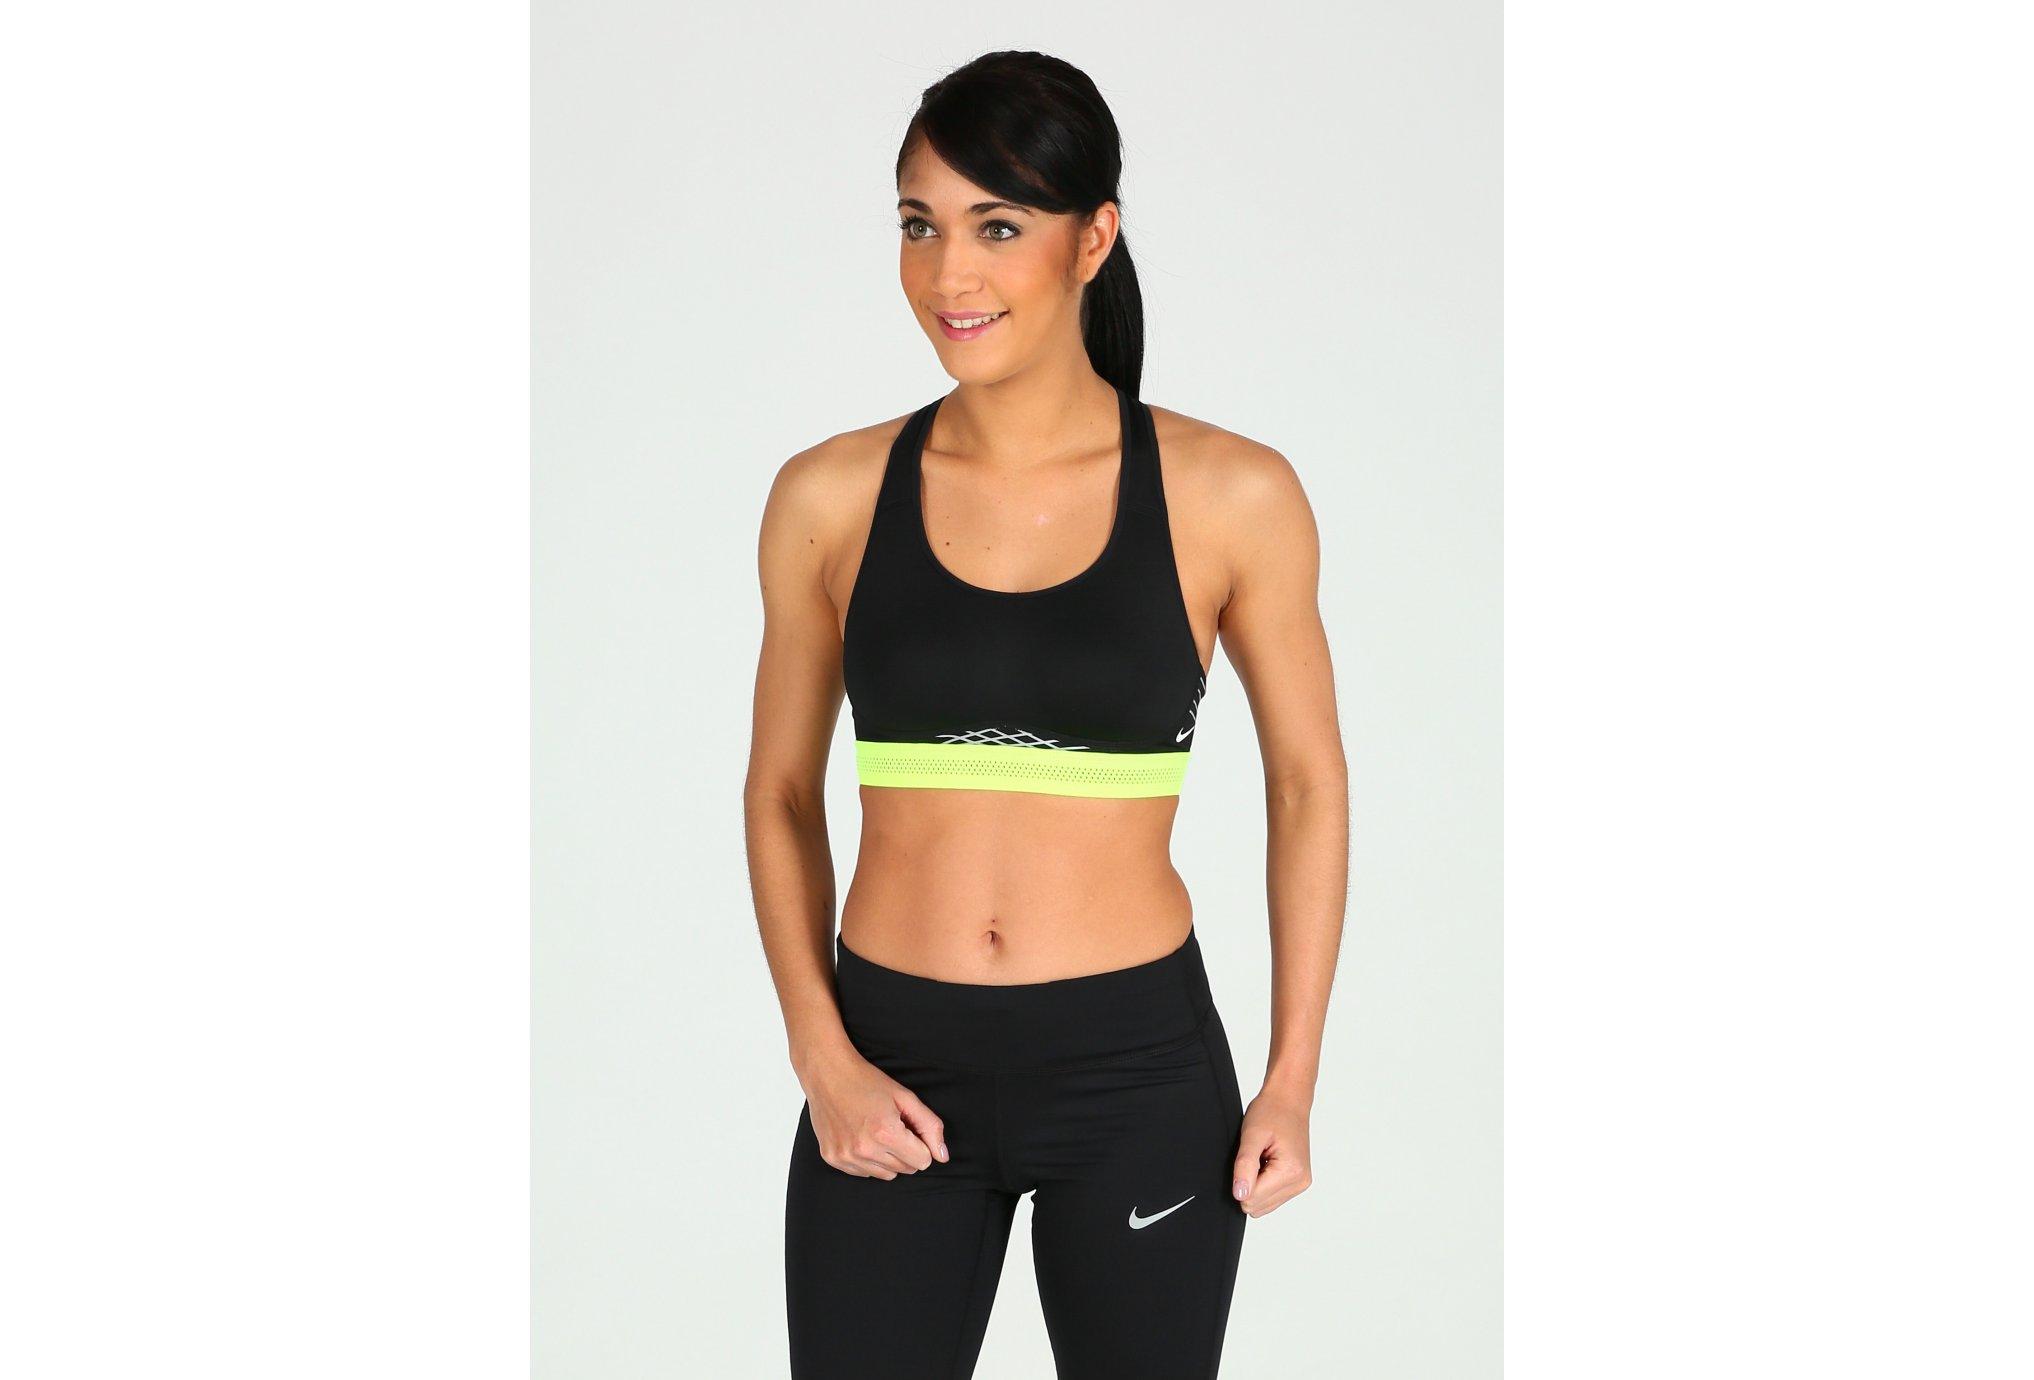 Nike Pro Brassière Fierce Reflective W Diététique Vêtements femme